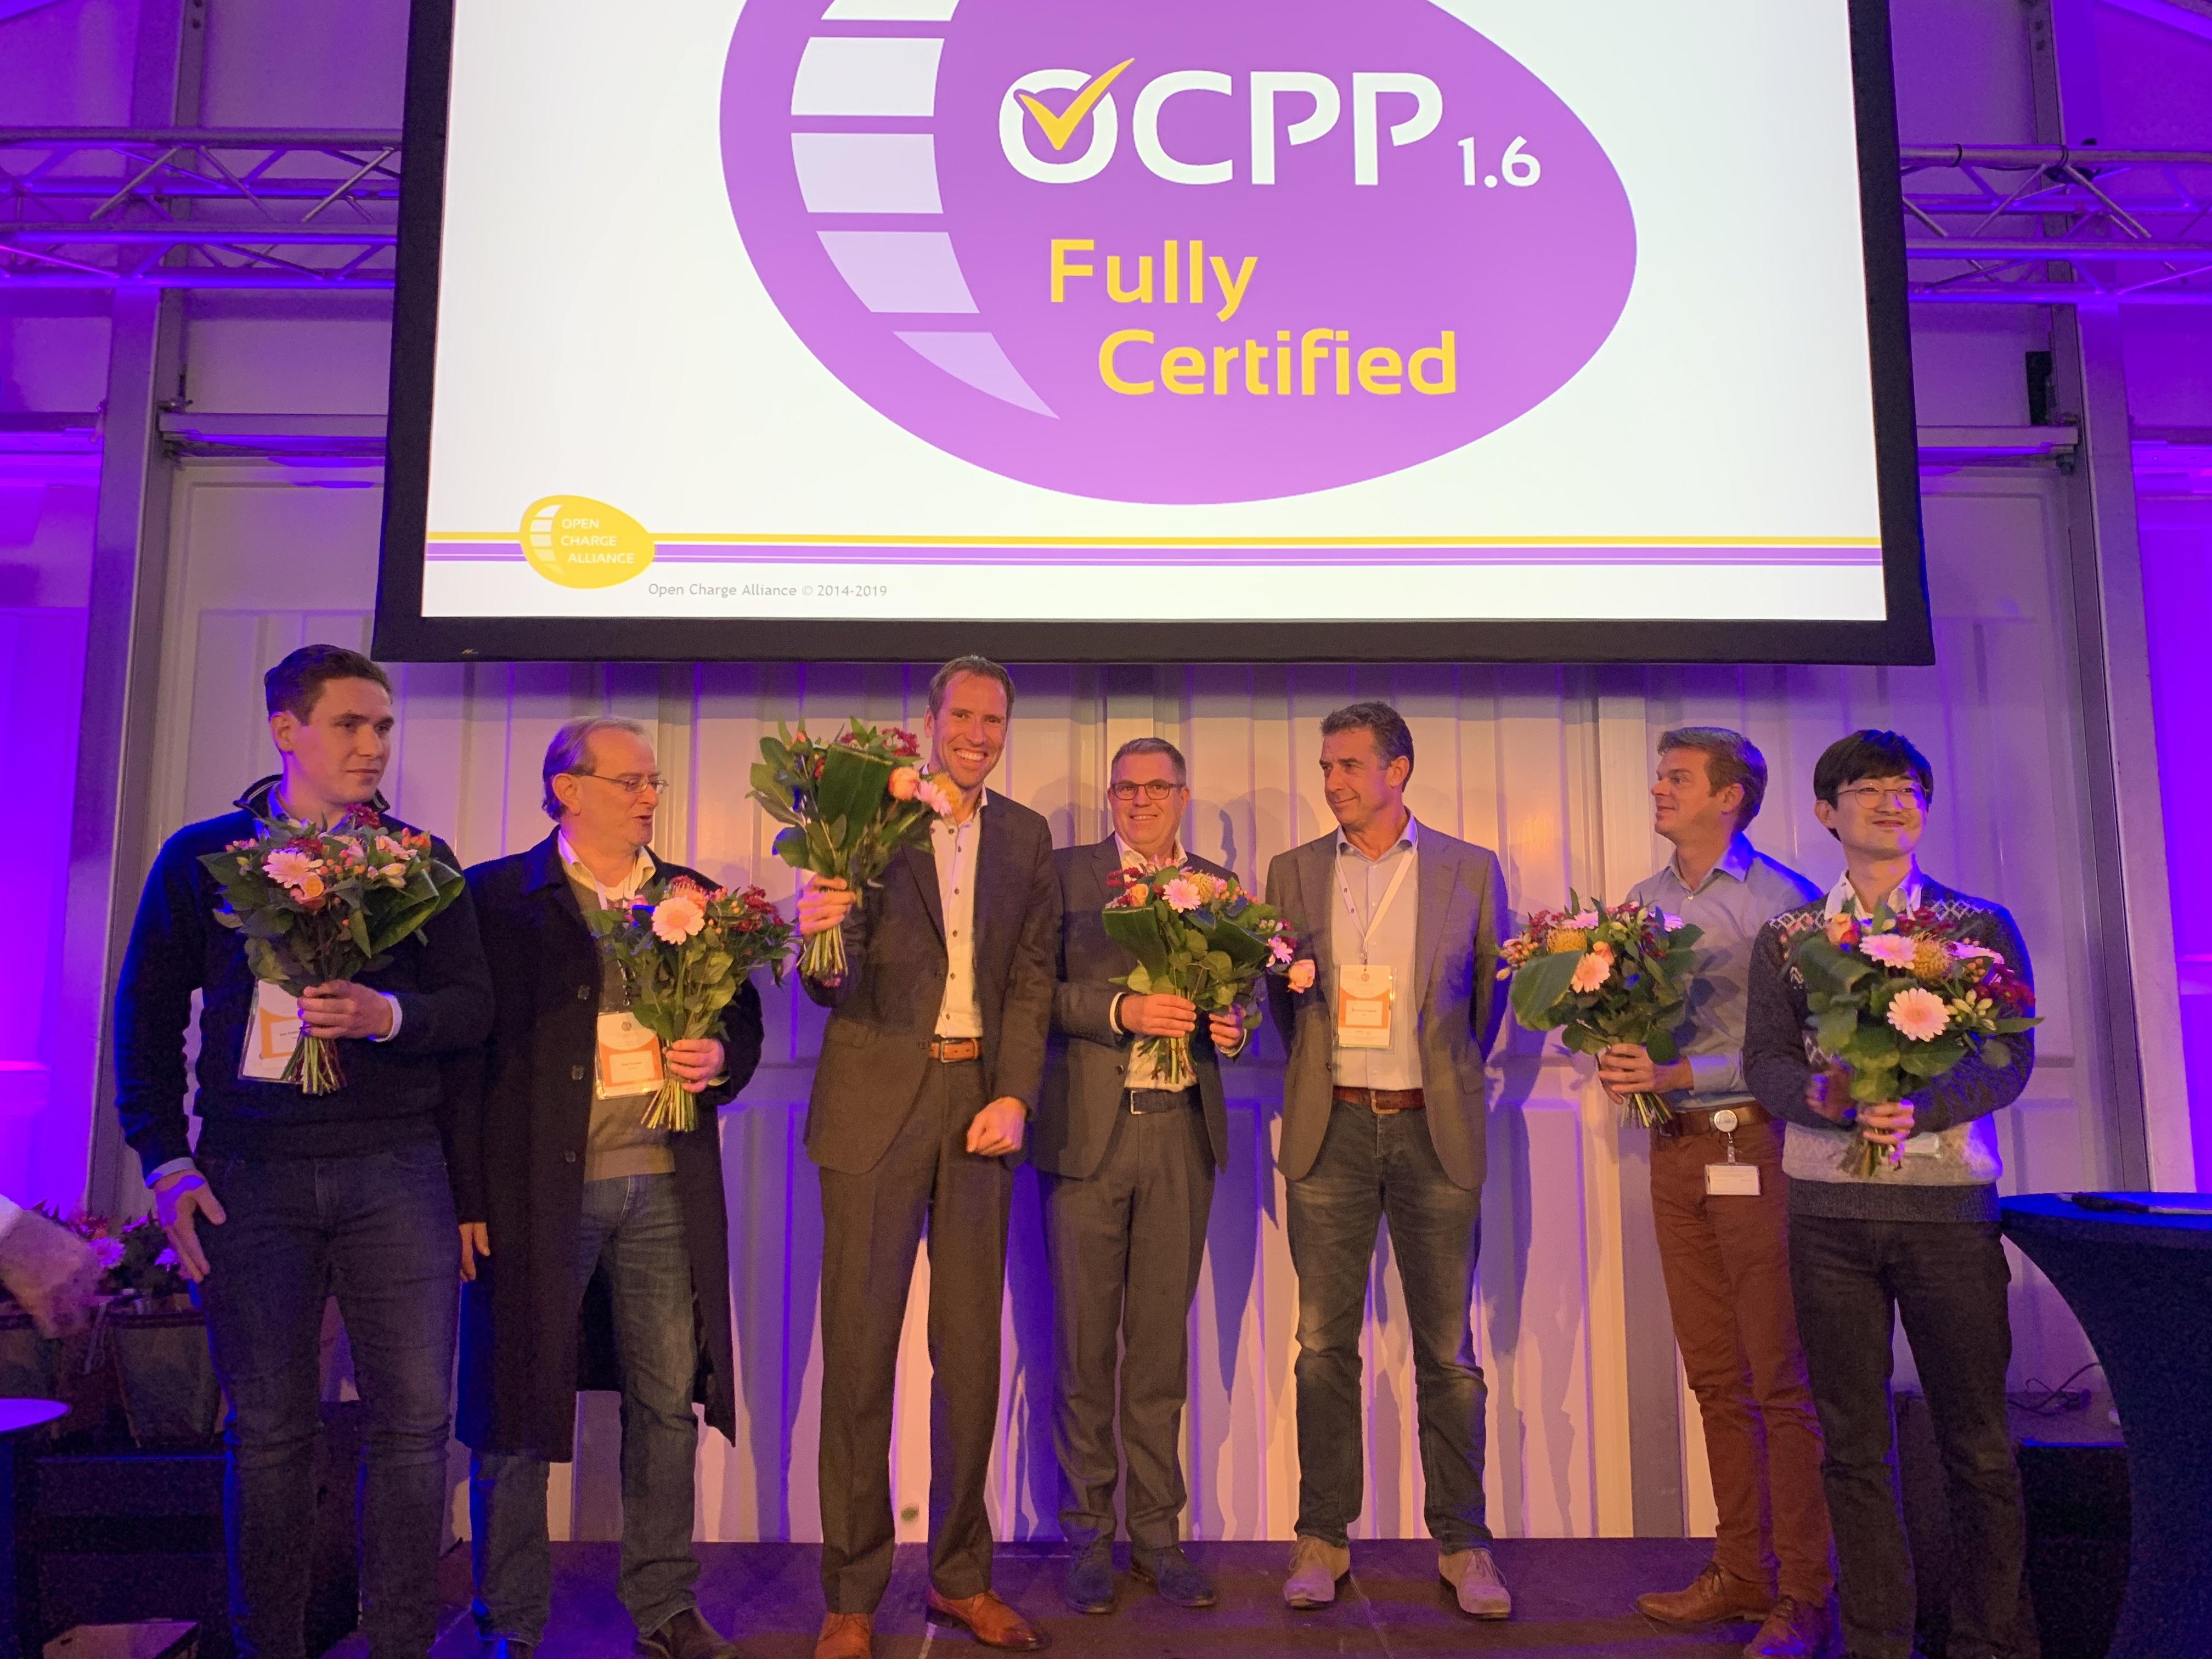 Arjan van Rooijen (CTO of EVBox) receives the OCPP 1.6 certificate on stage